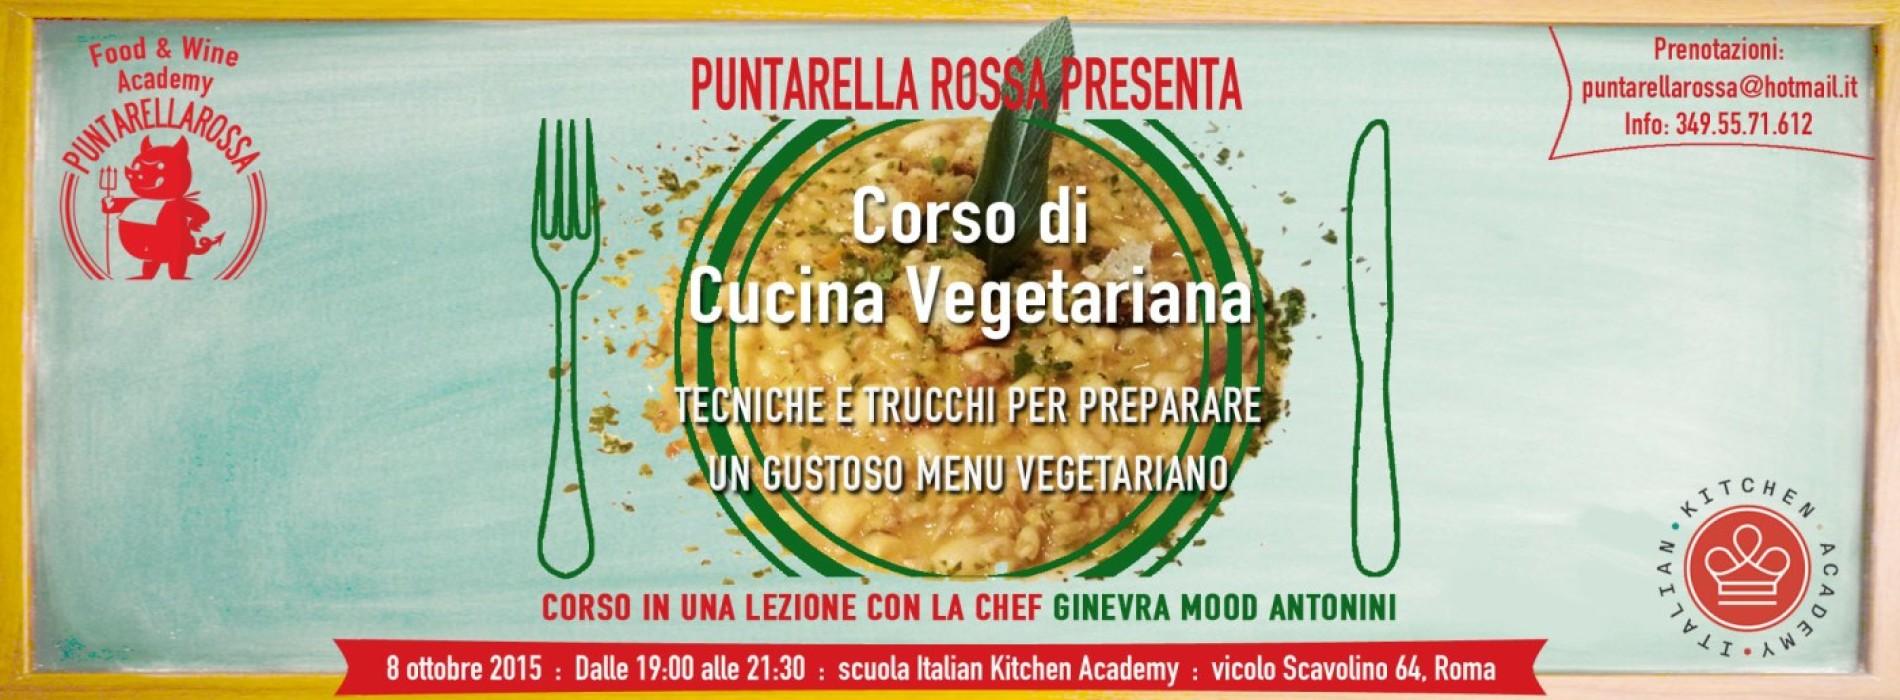 Corsi Archivi - Puntarella Rossa